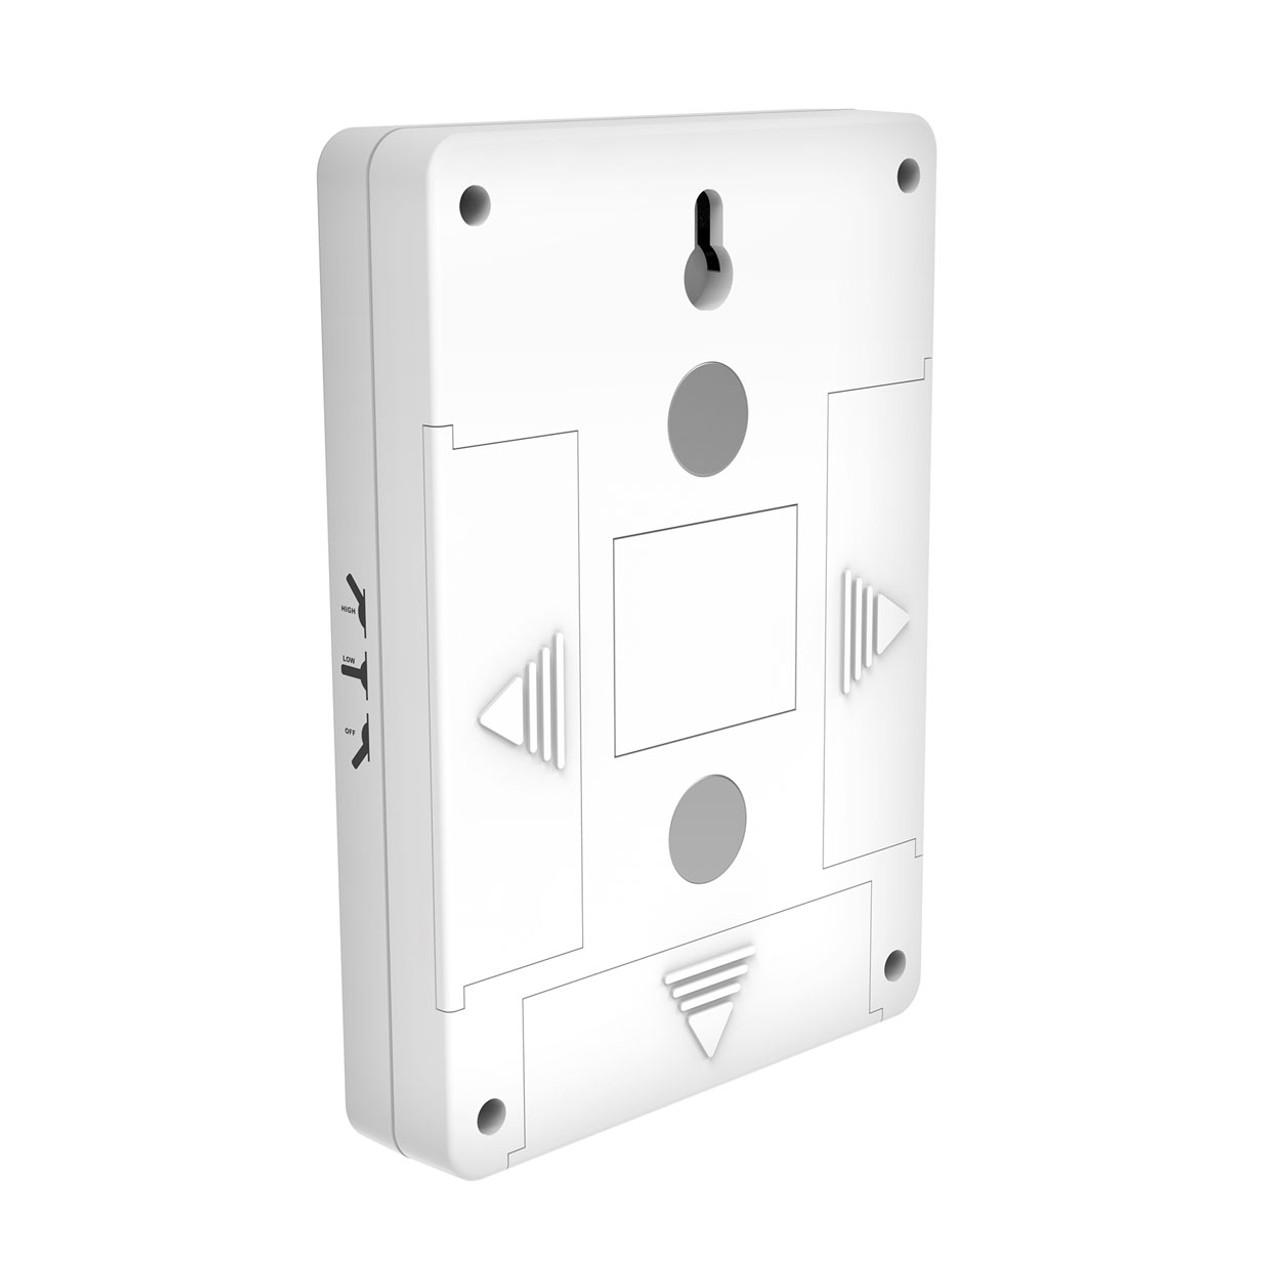 Flipit The Stick-on LED Light - 2 per pack